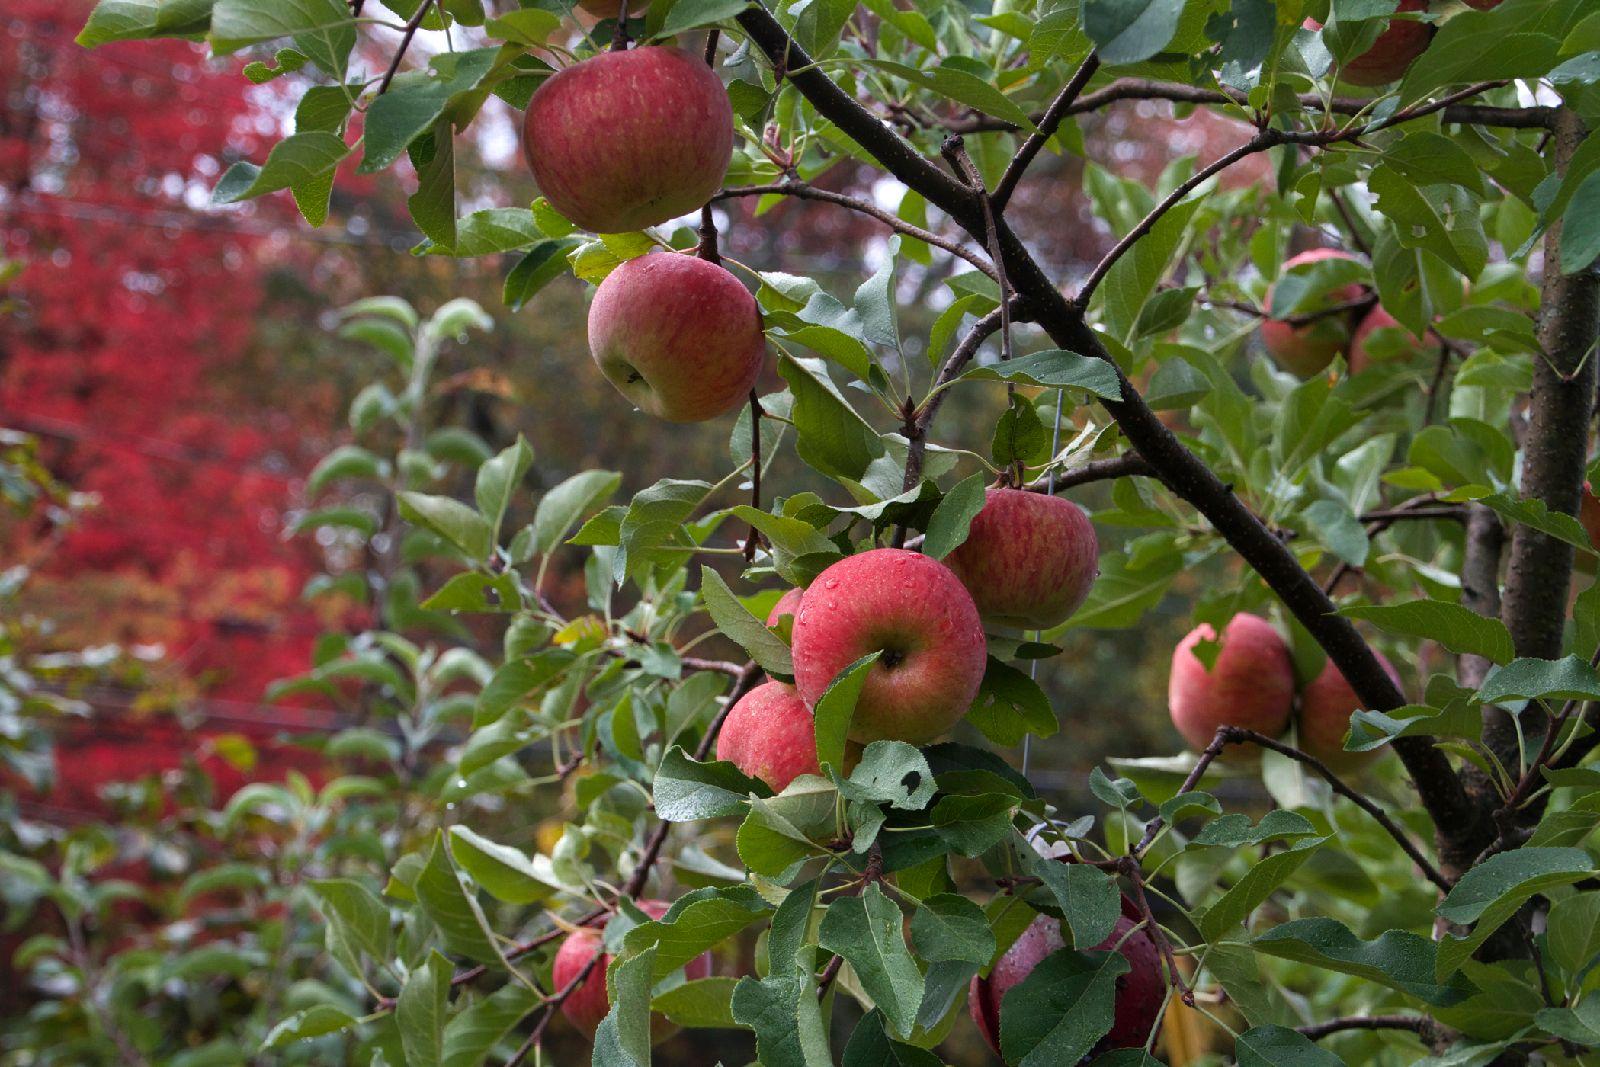 Apples_on_tree_2_10_14.jpg